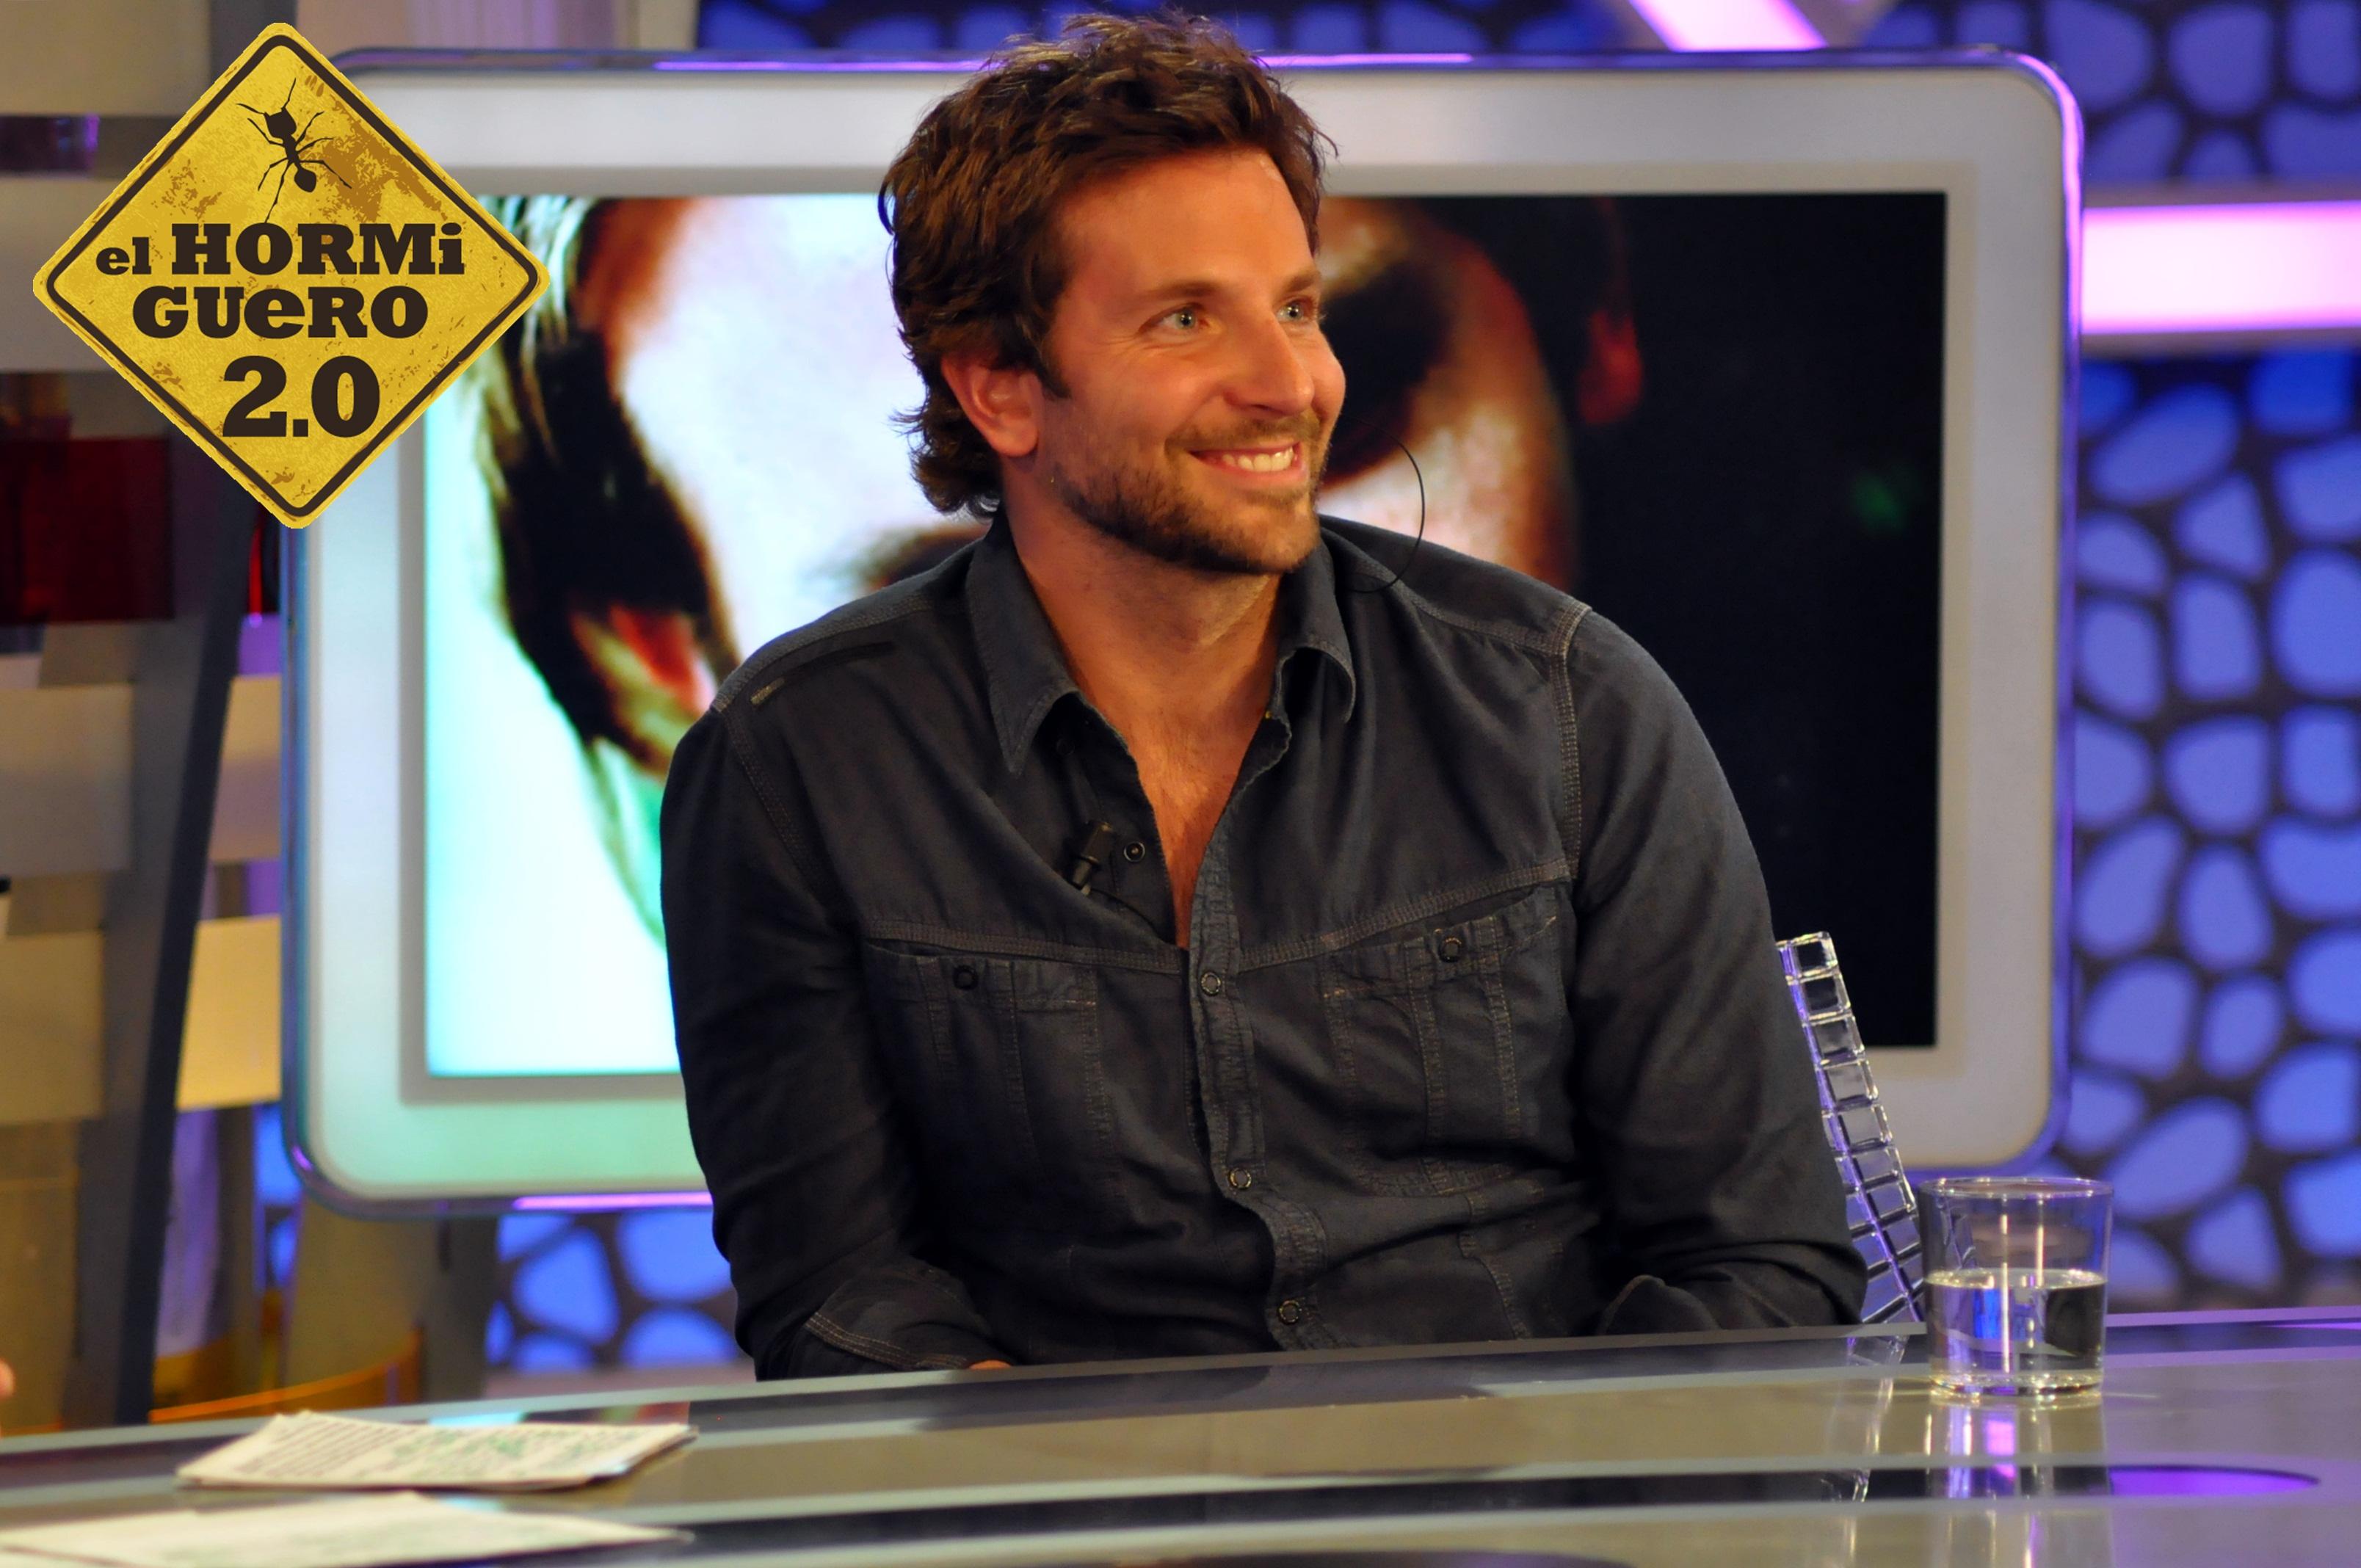 Bradley Cooper   The Hangover HD Wallpaper Celebrities Wallpapers 3216x2136